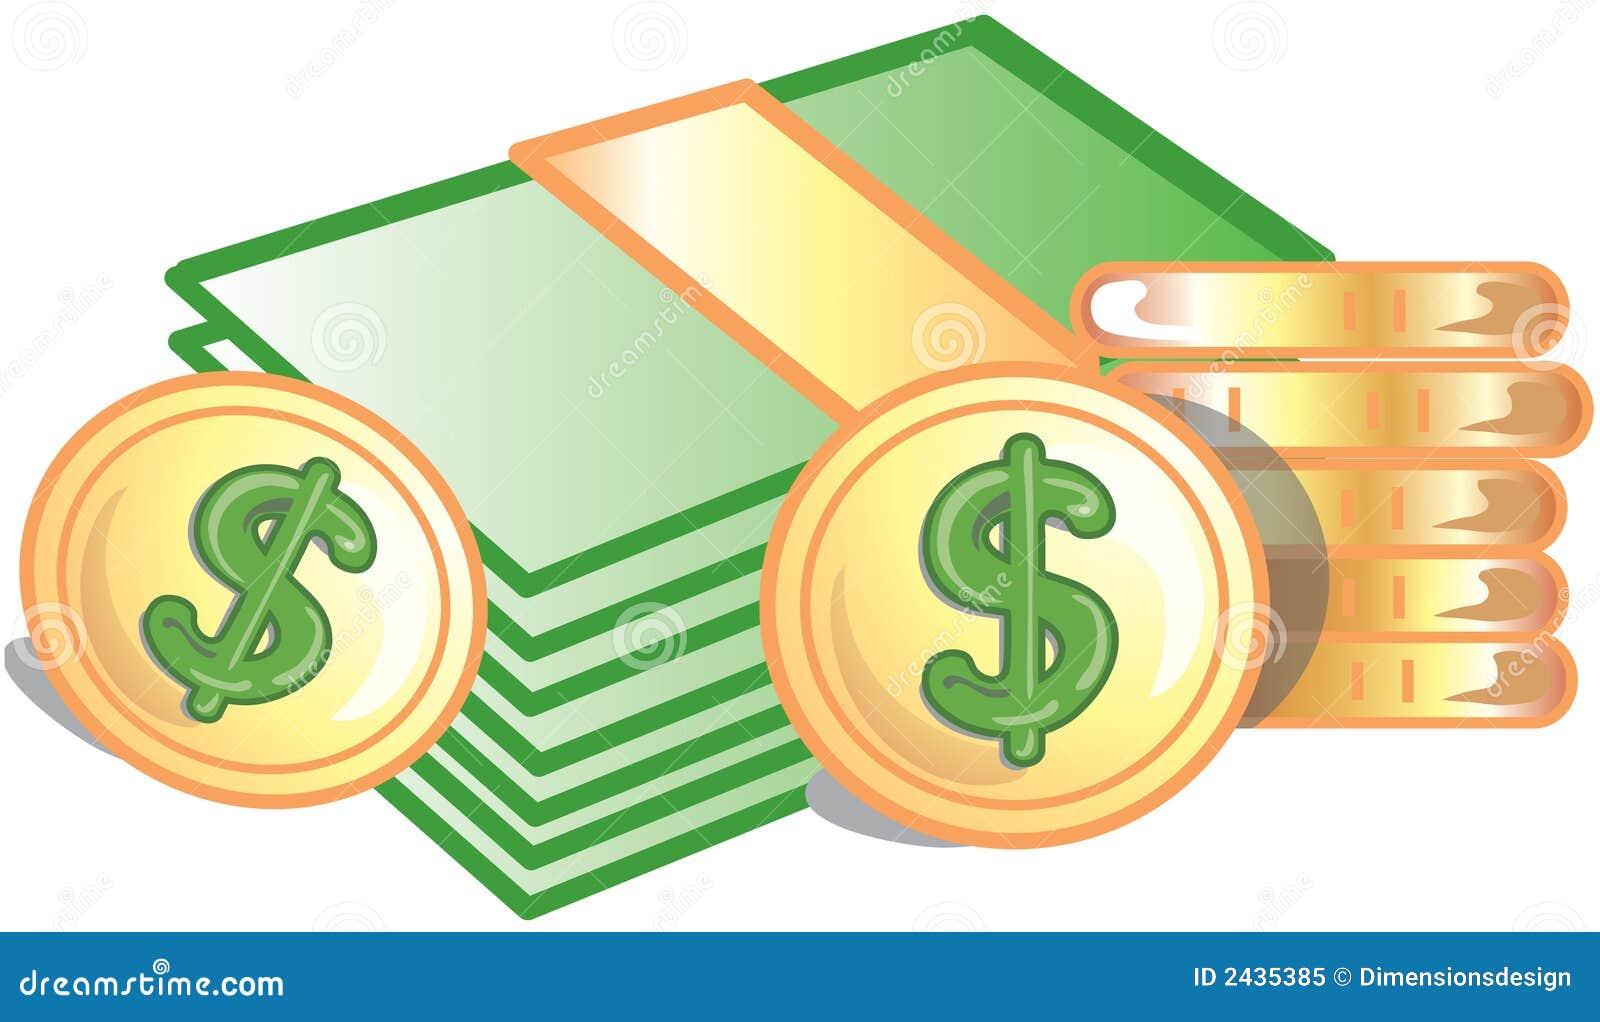 铸造美元图标